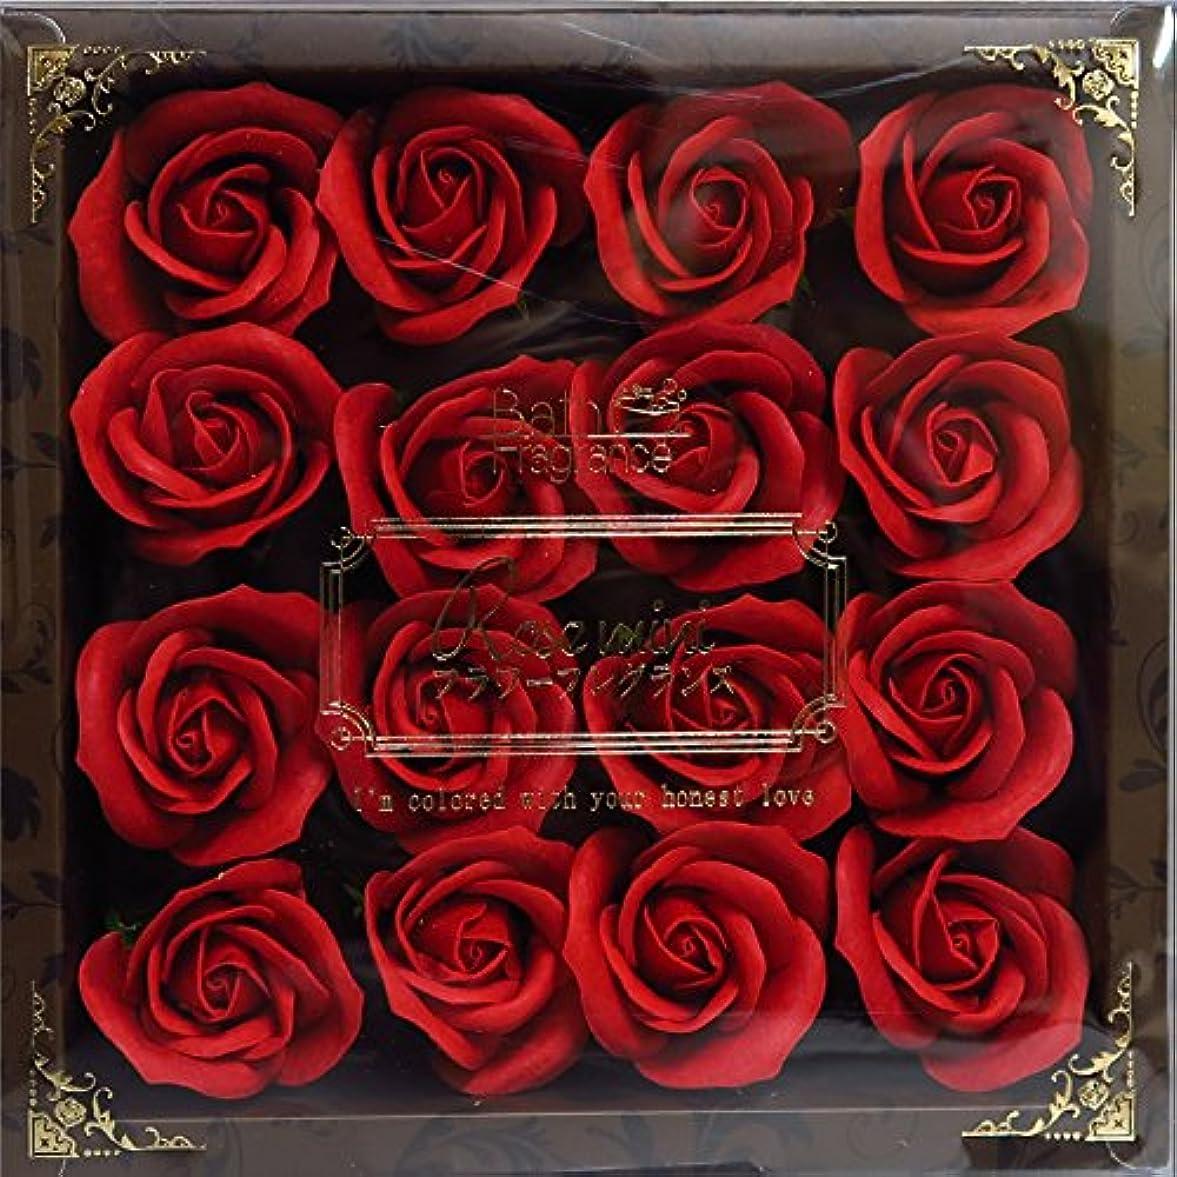 ラフトアメリカ慰めバスフレグランス バスフラワー ミニローズフレグランス(M)レッド ギフト お花の形の入浴剤 プレゼント ばら